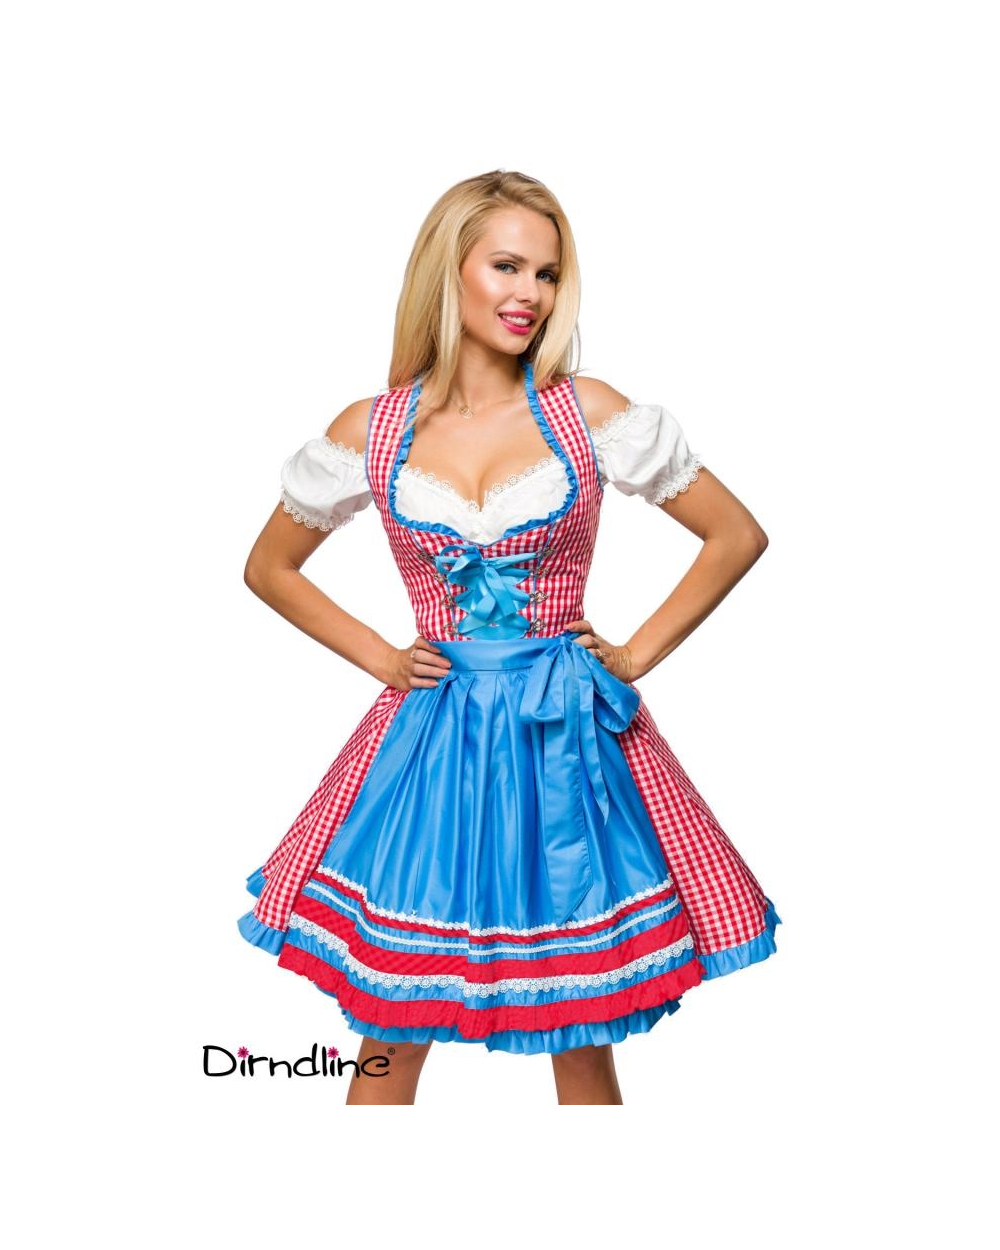 Oktoberfest Wiesn Traditionelles Karo-Dirndl rot weiß blau Dirndline